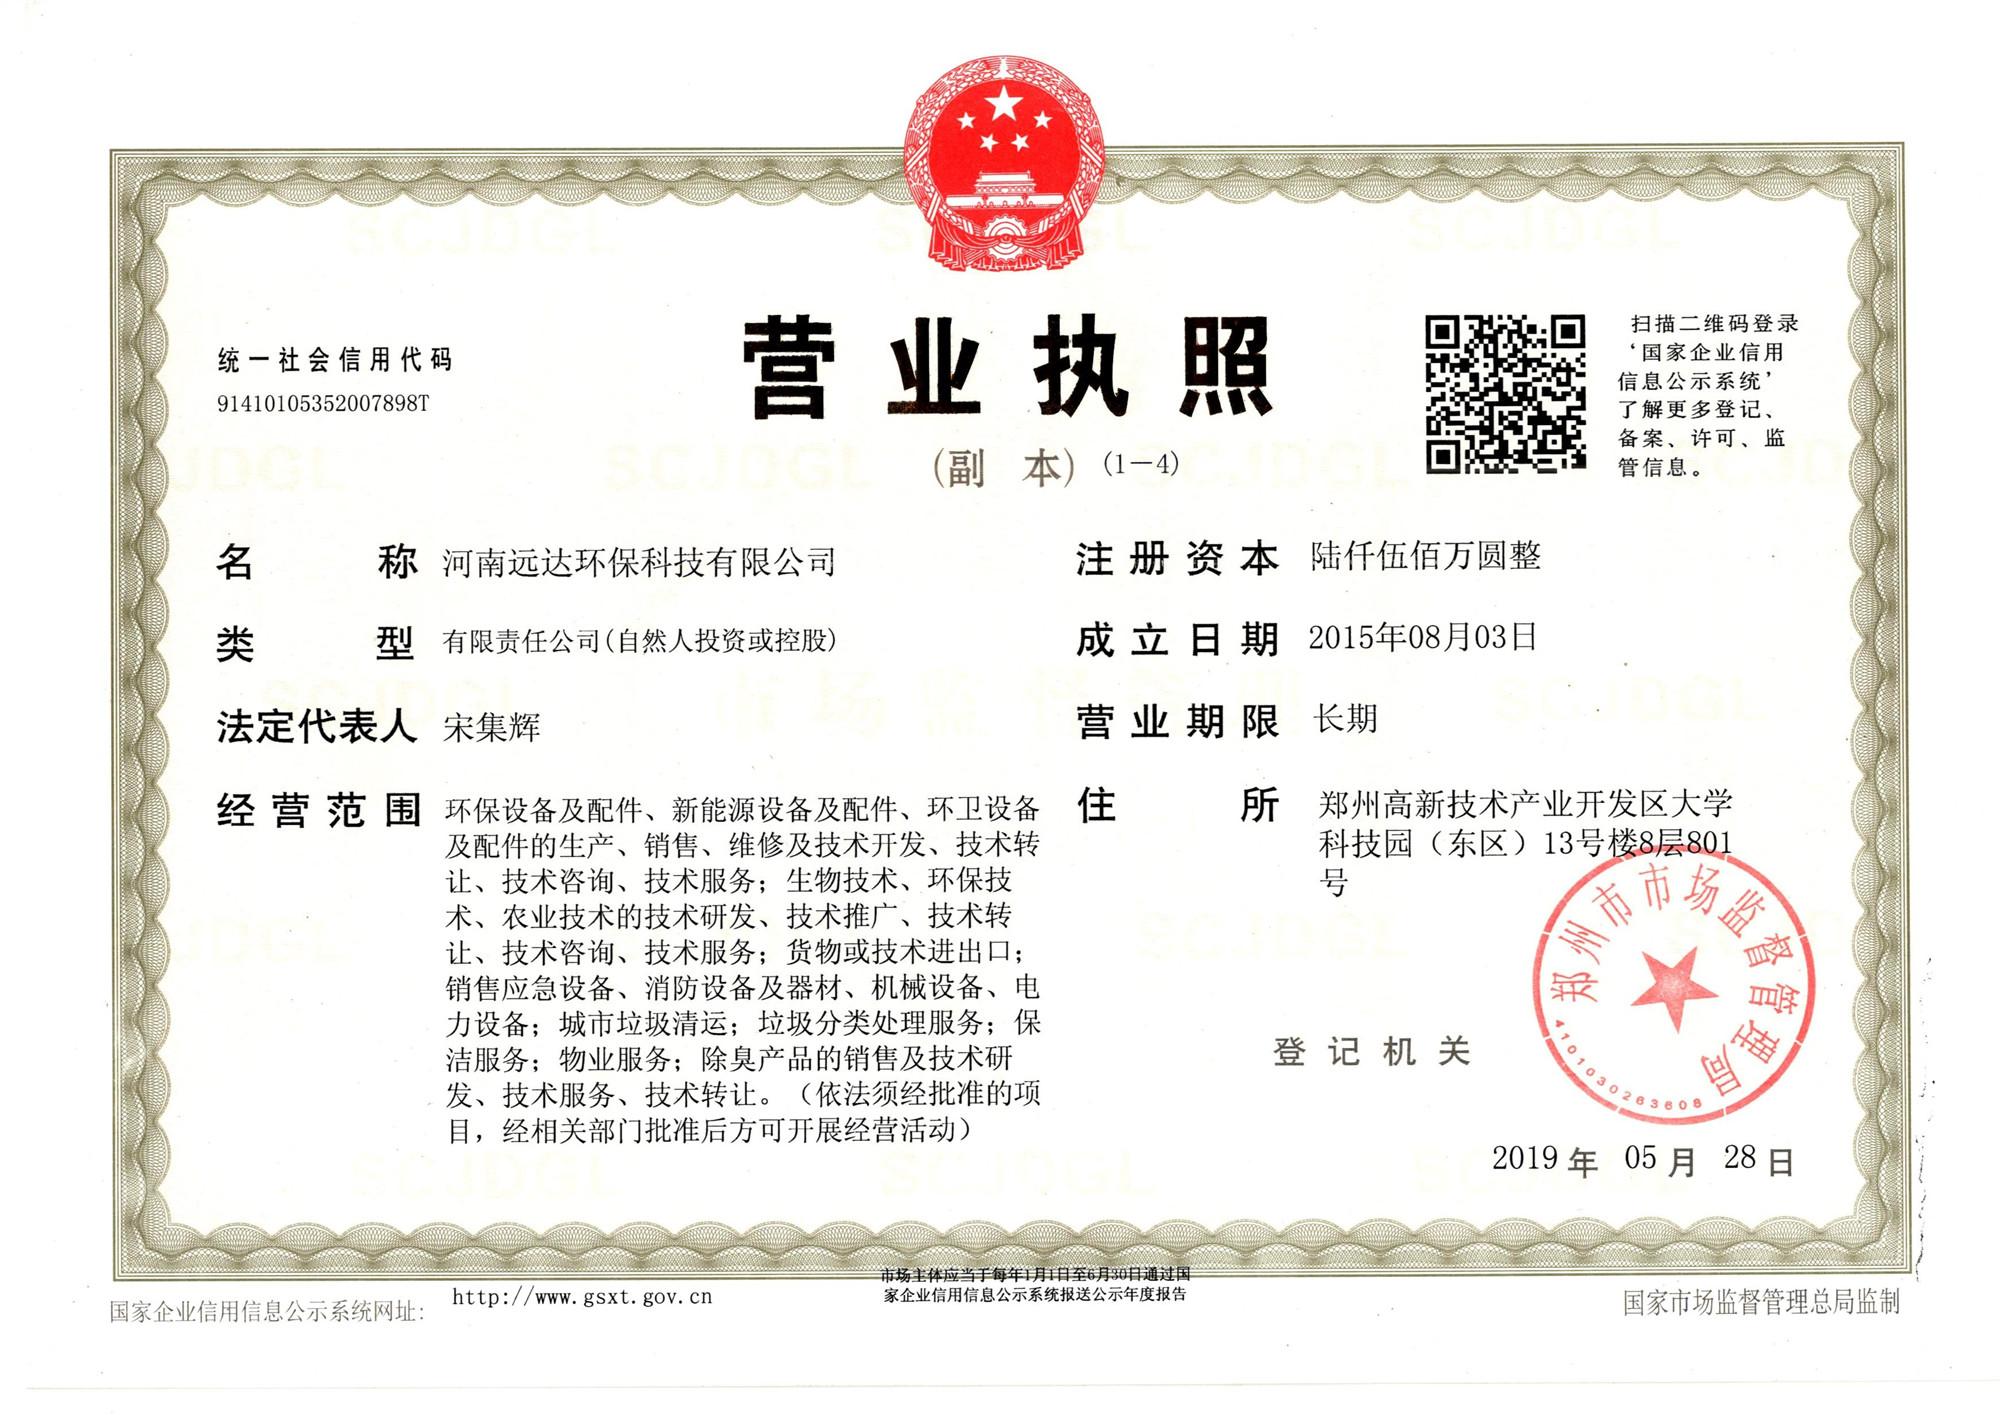 河南bob客户端ios环保科技有限公司最新营业执照